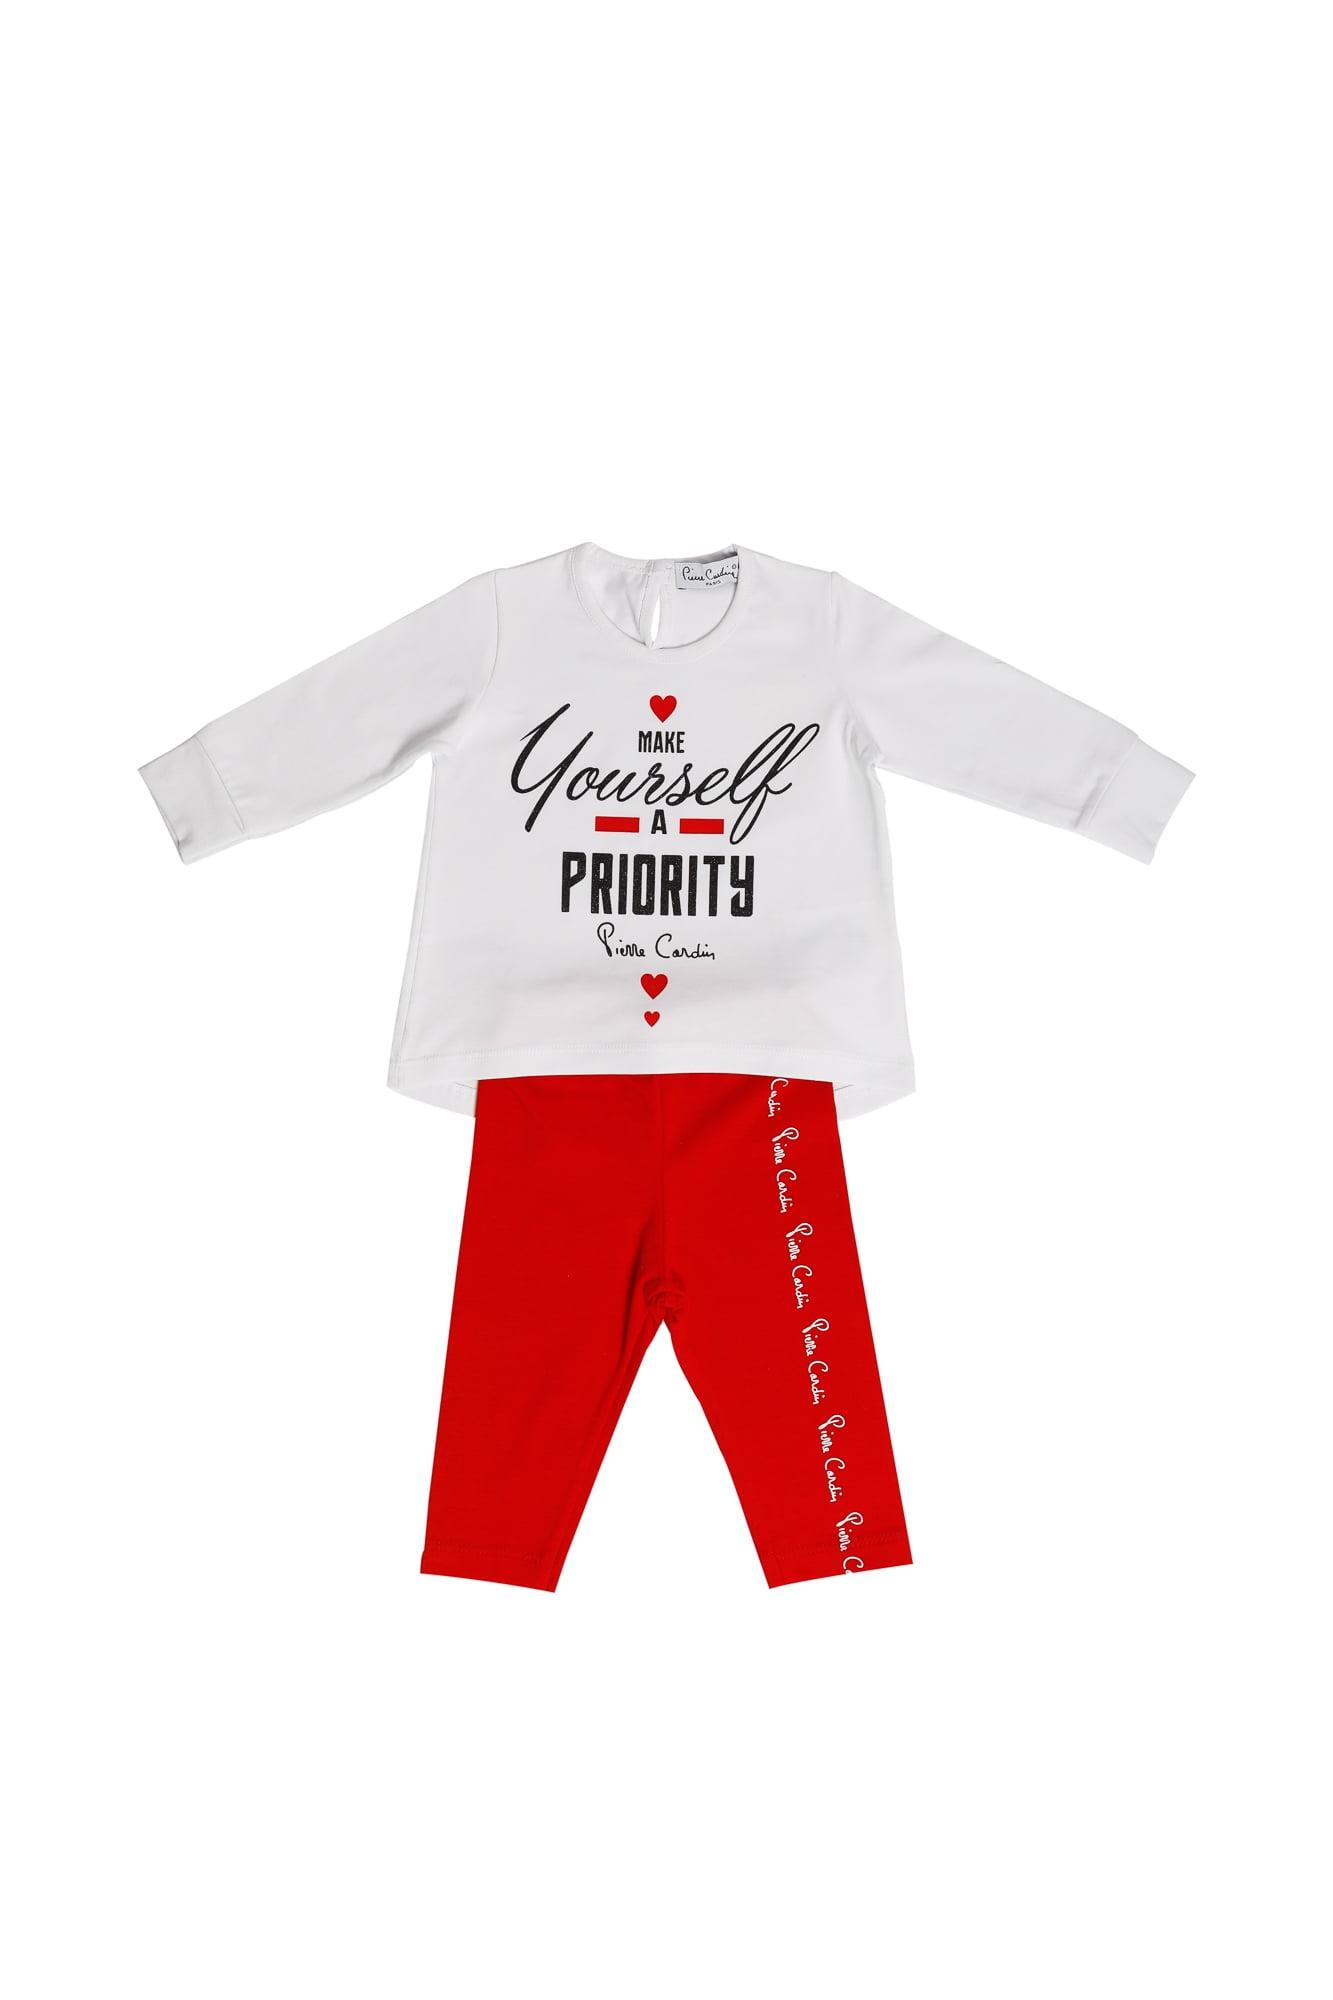 Completo neonata Pierre Cardin bianco/rosso maglietta girocollo manica lunga - Leggings rosso